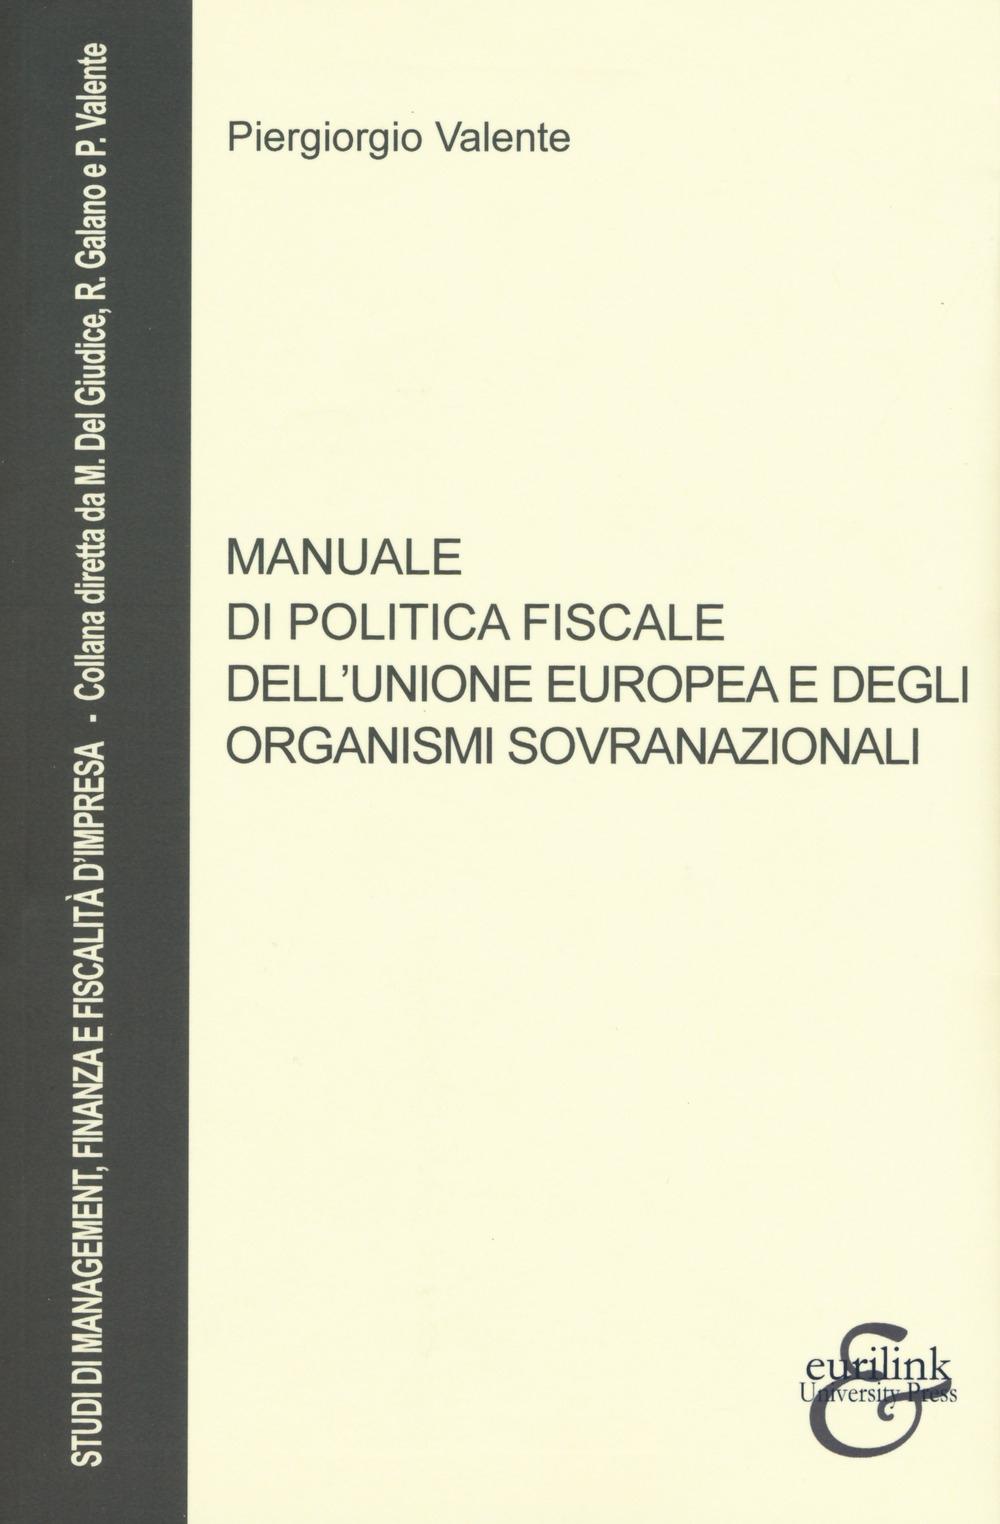 Manuale di politica fiscale dell'Unione europea e degli organismi sovranazionali